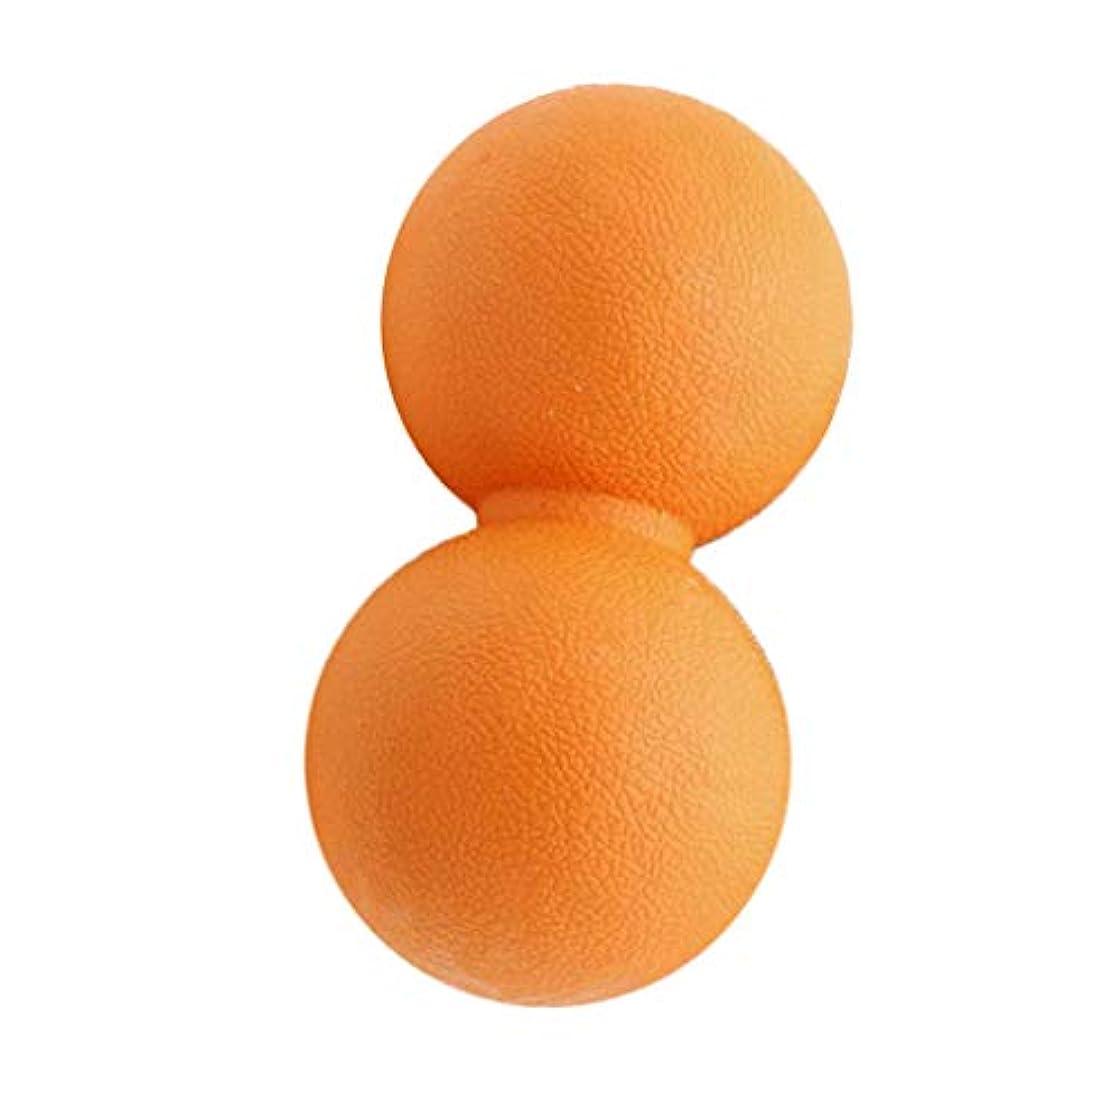 ペチュランス容赦ないばか全2色 マッサージボール ピーナッツ ツボ押しグッズ 疲れ解消ボール 筋膜リリース 筋肉疲労回復 - オレンジ, 13cm